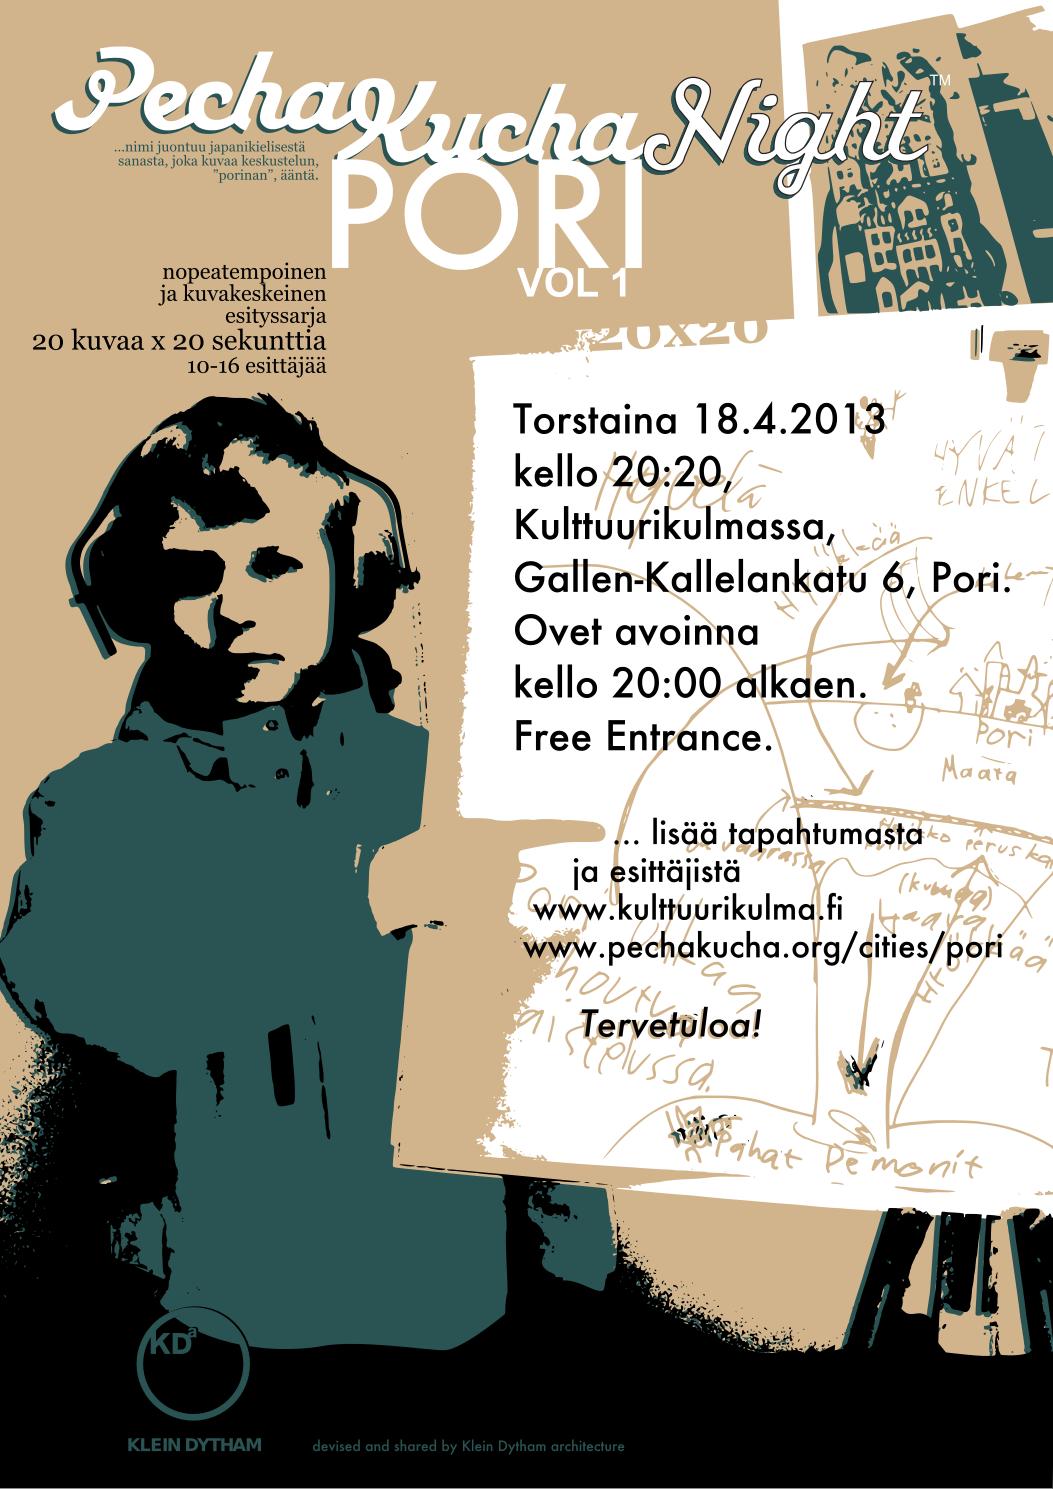 pkn_pori_poster_vol1_b